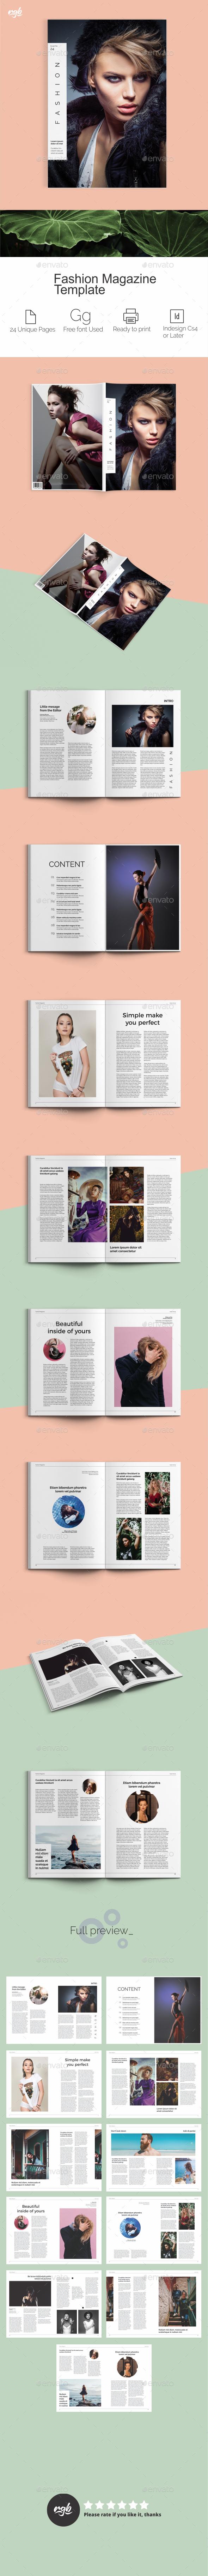 GraphicRiver Fashion Magazine Template 20302166